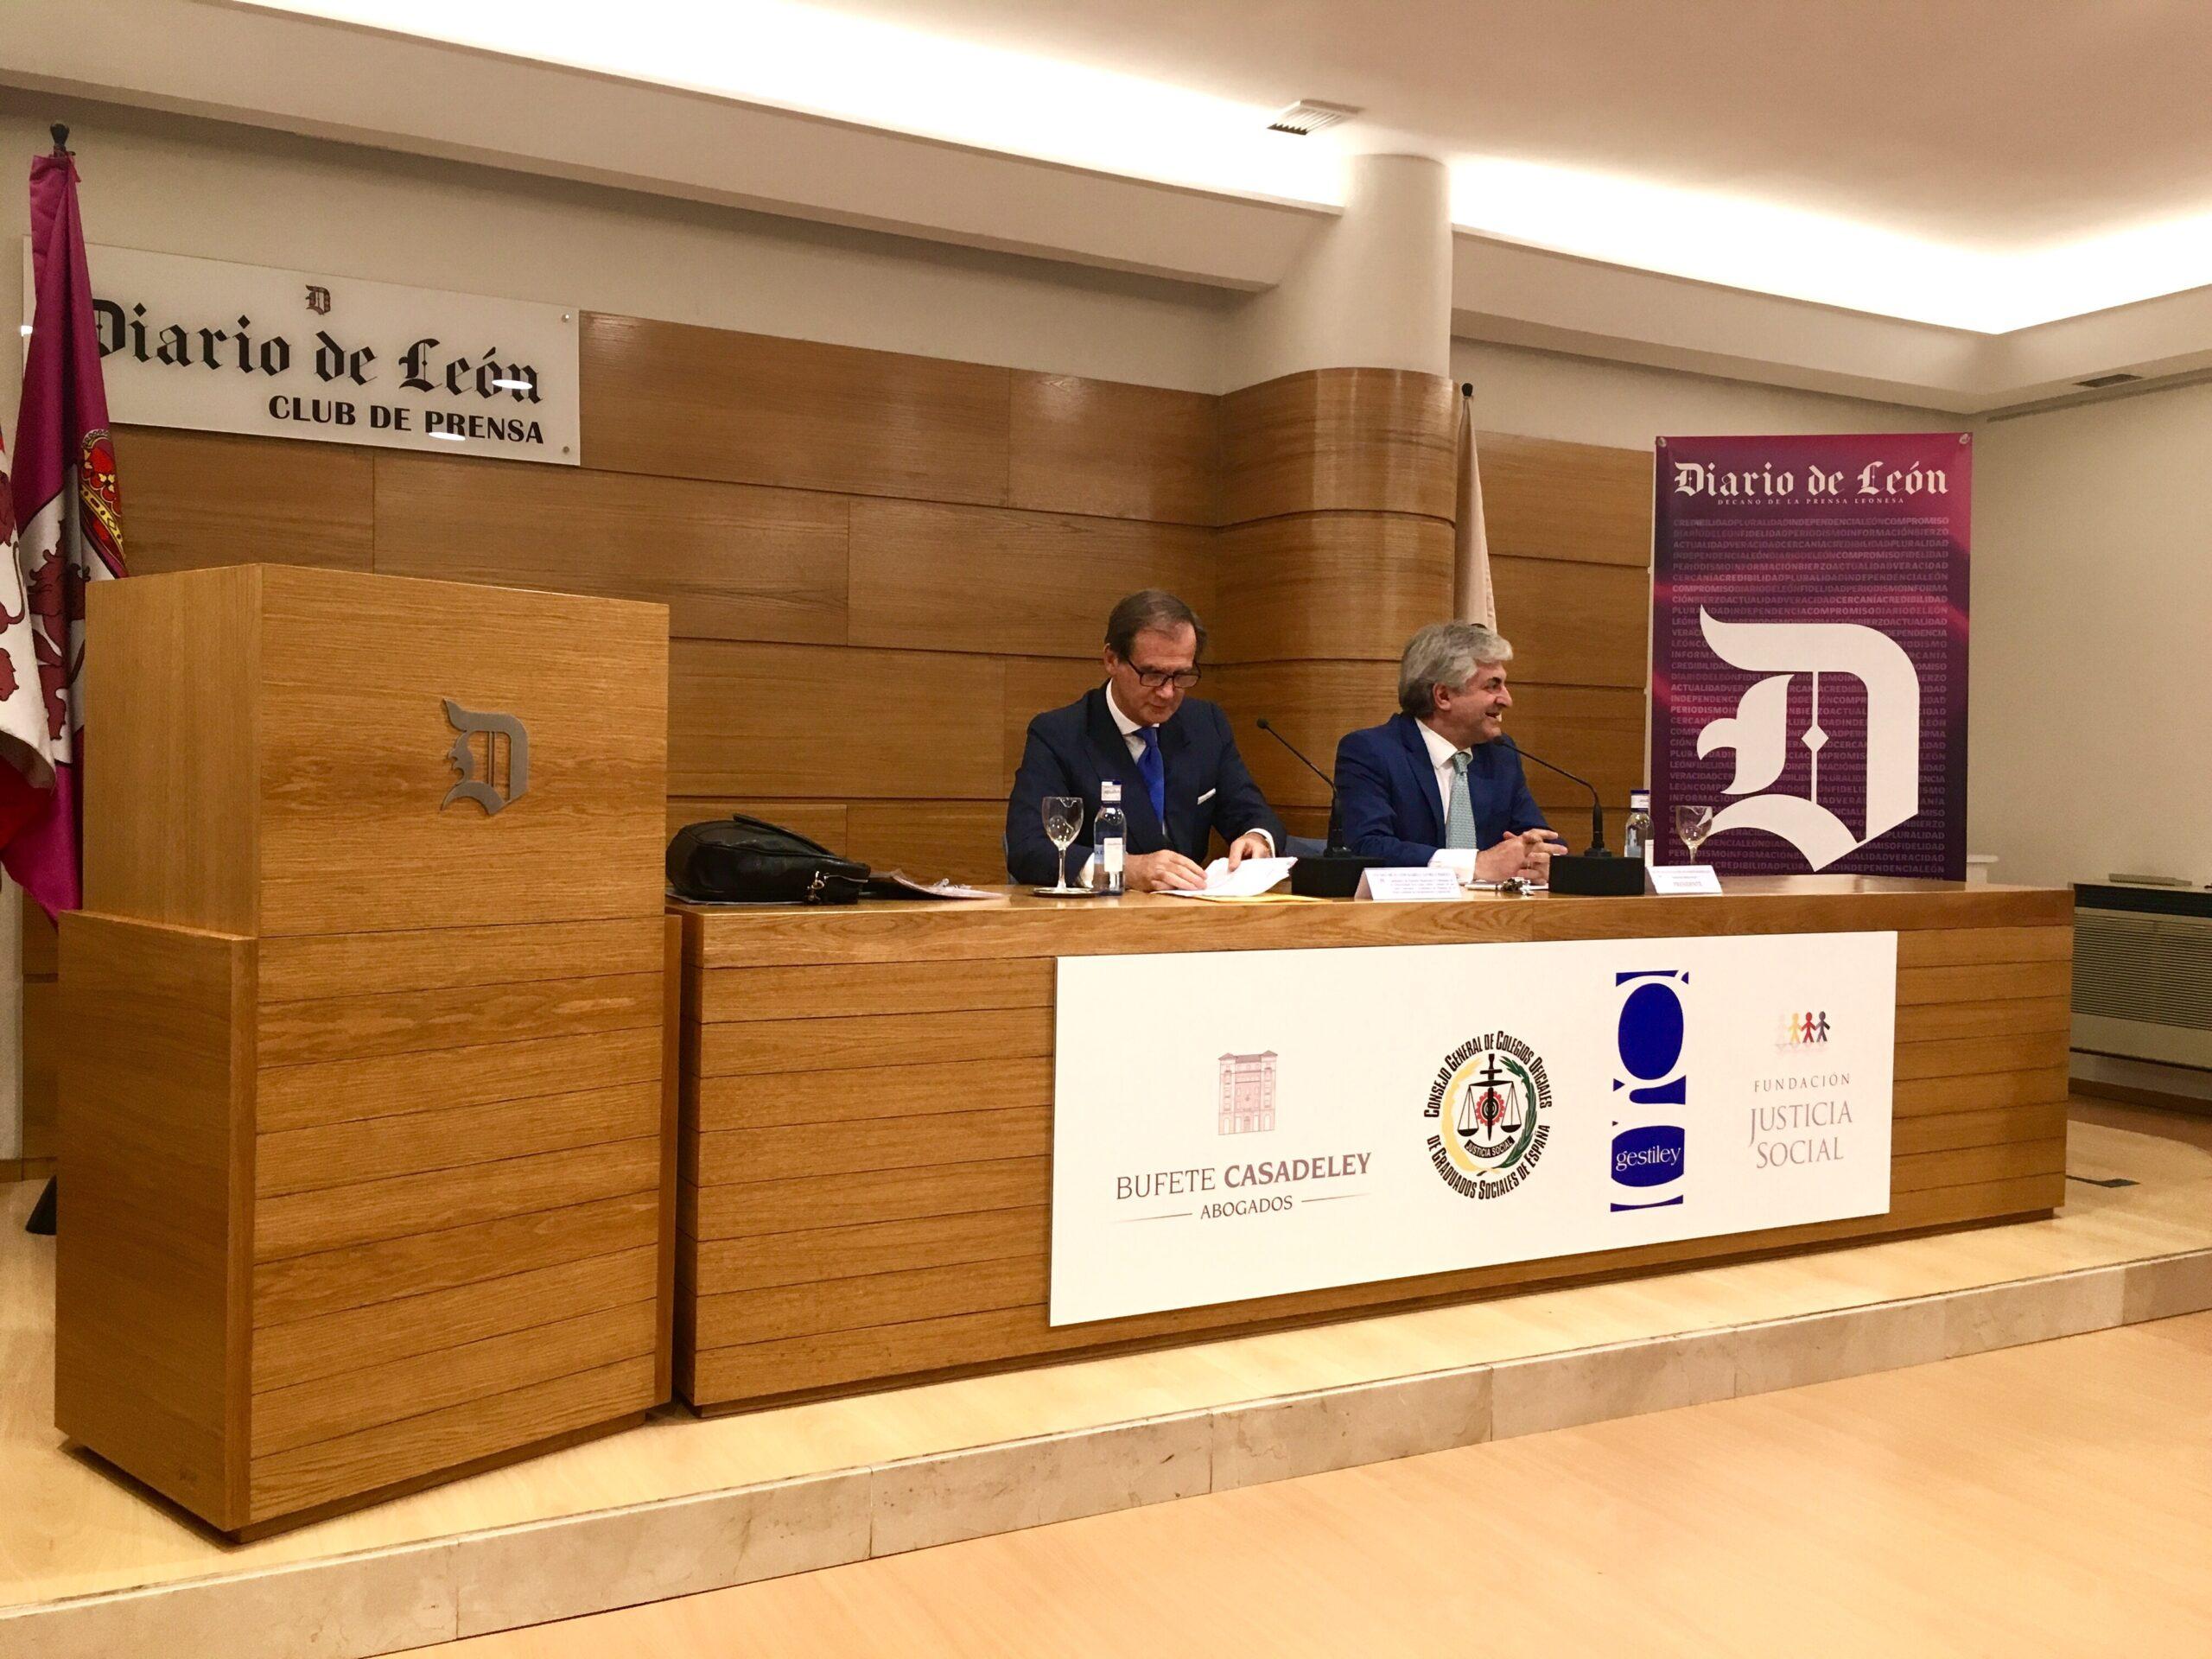 Éxito de la conferencia de Luis Cazorla y Javier San Martín